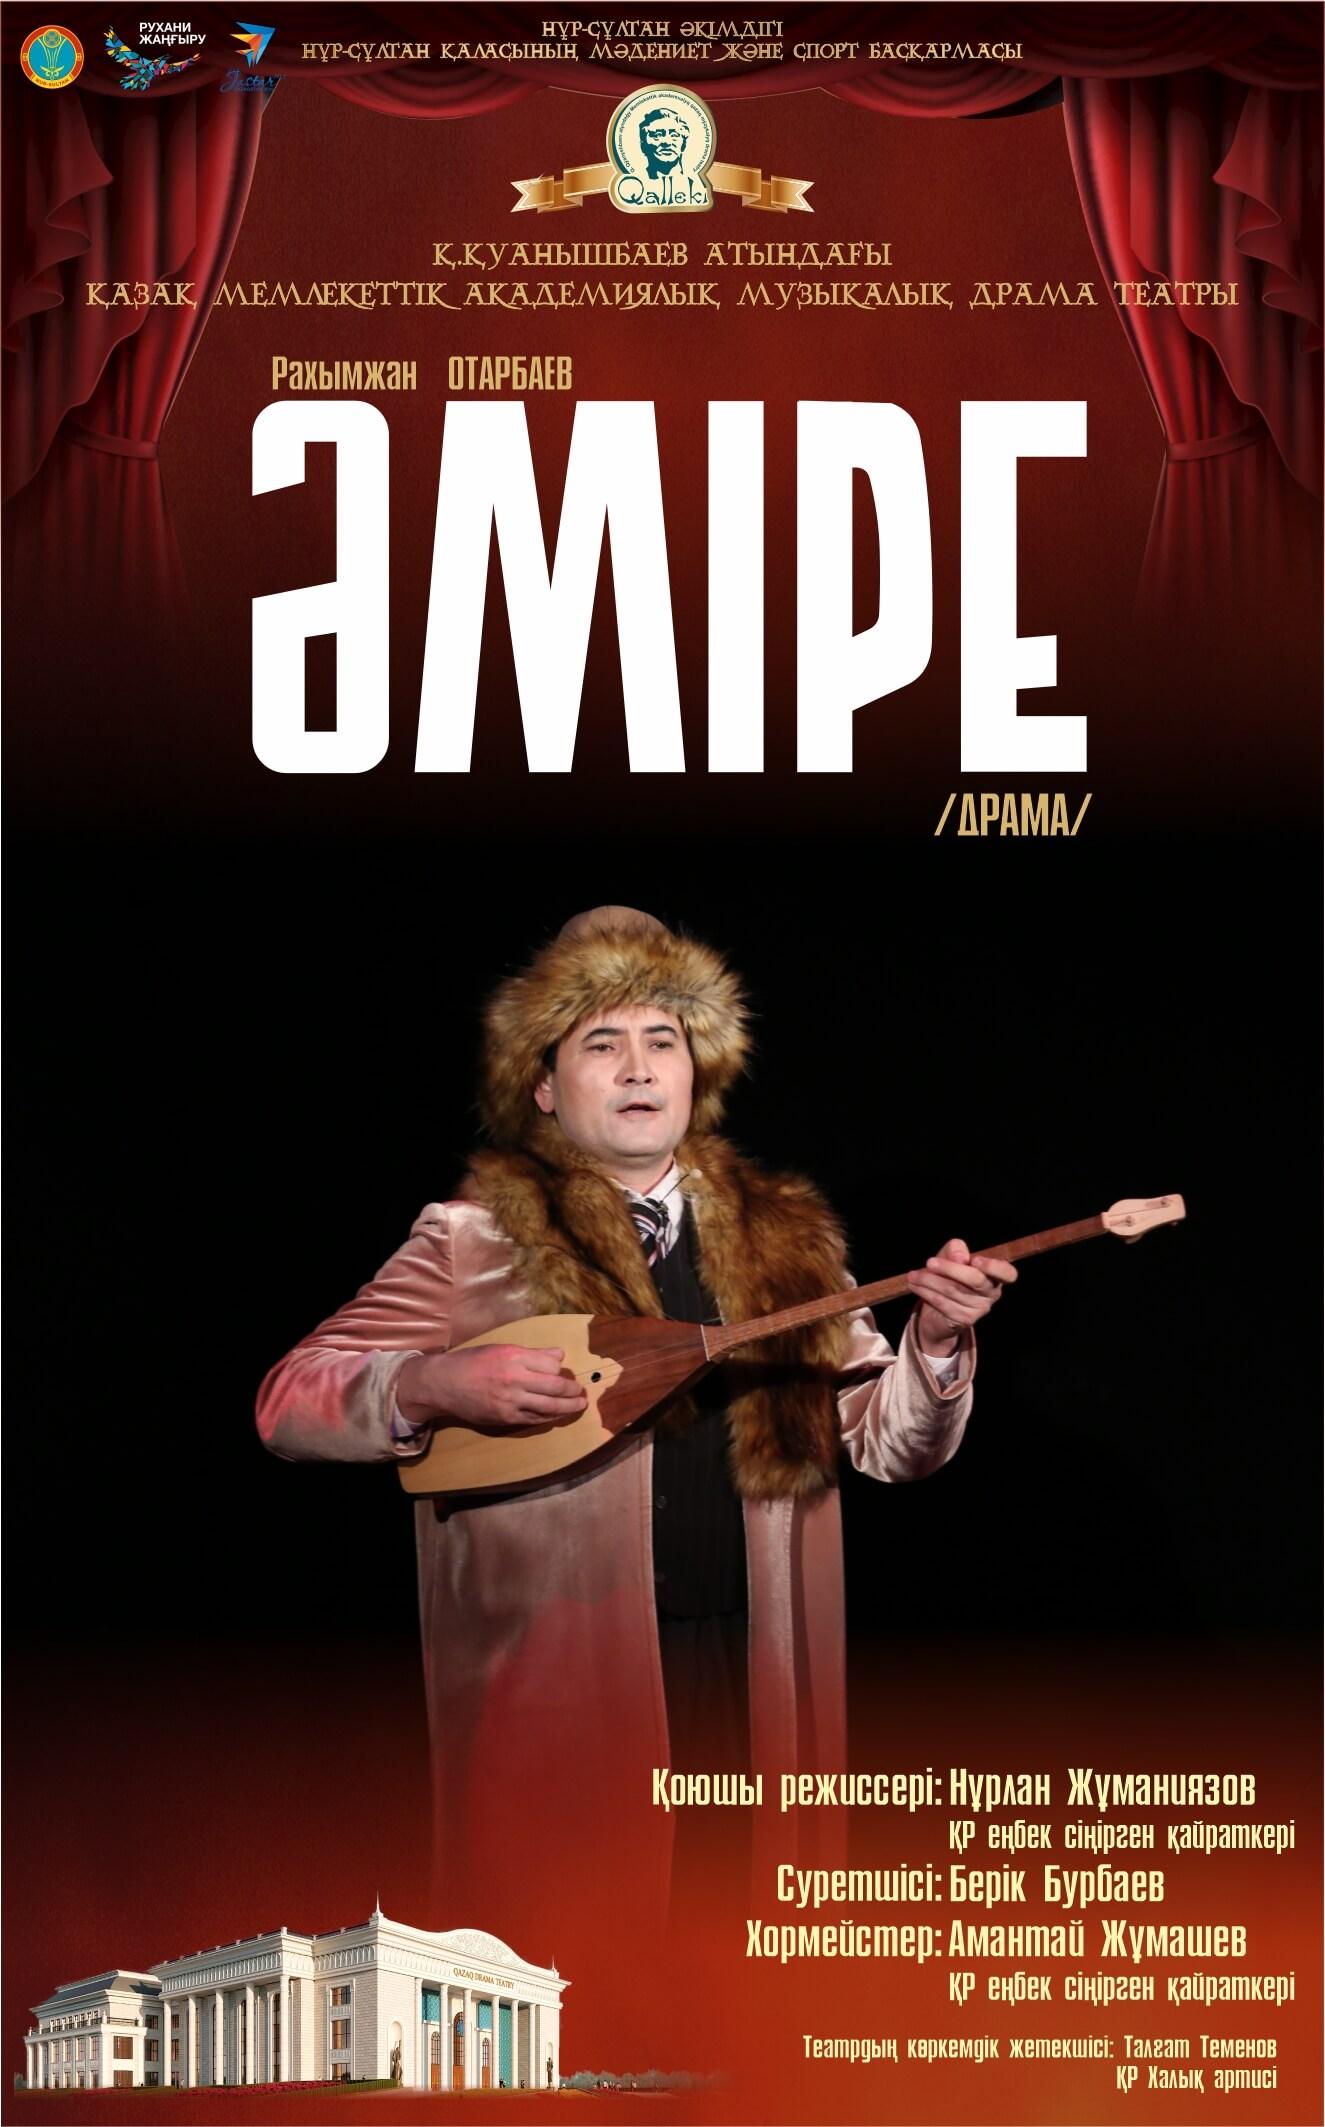 Әміре/ Театр им. К. Куанышбаева